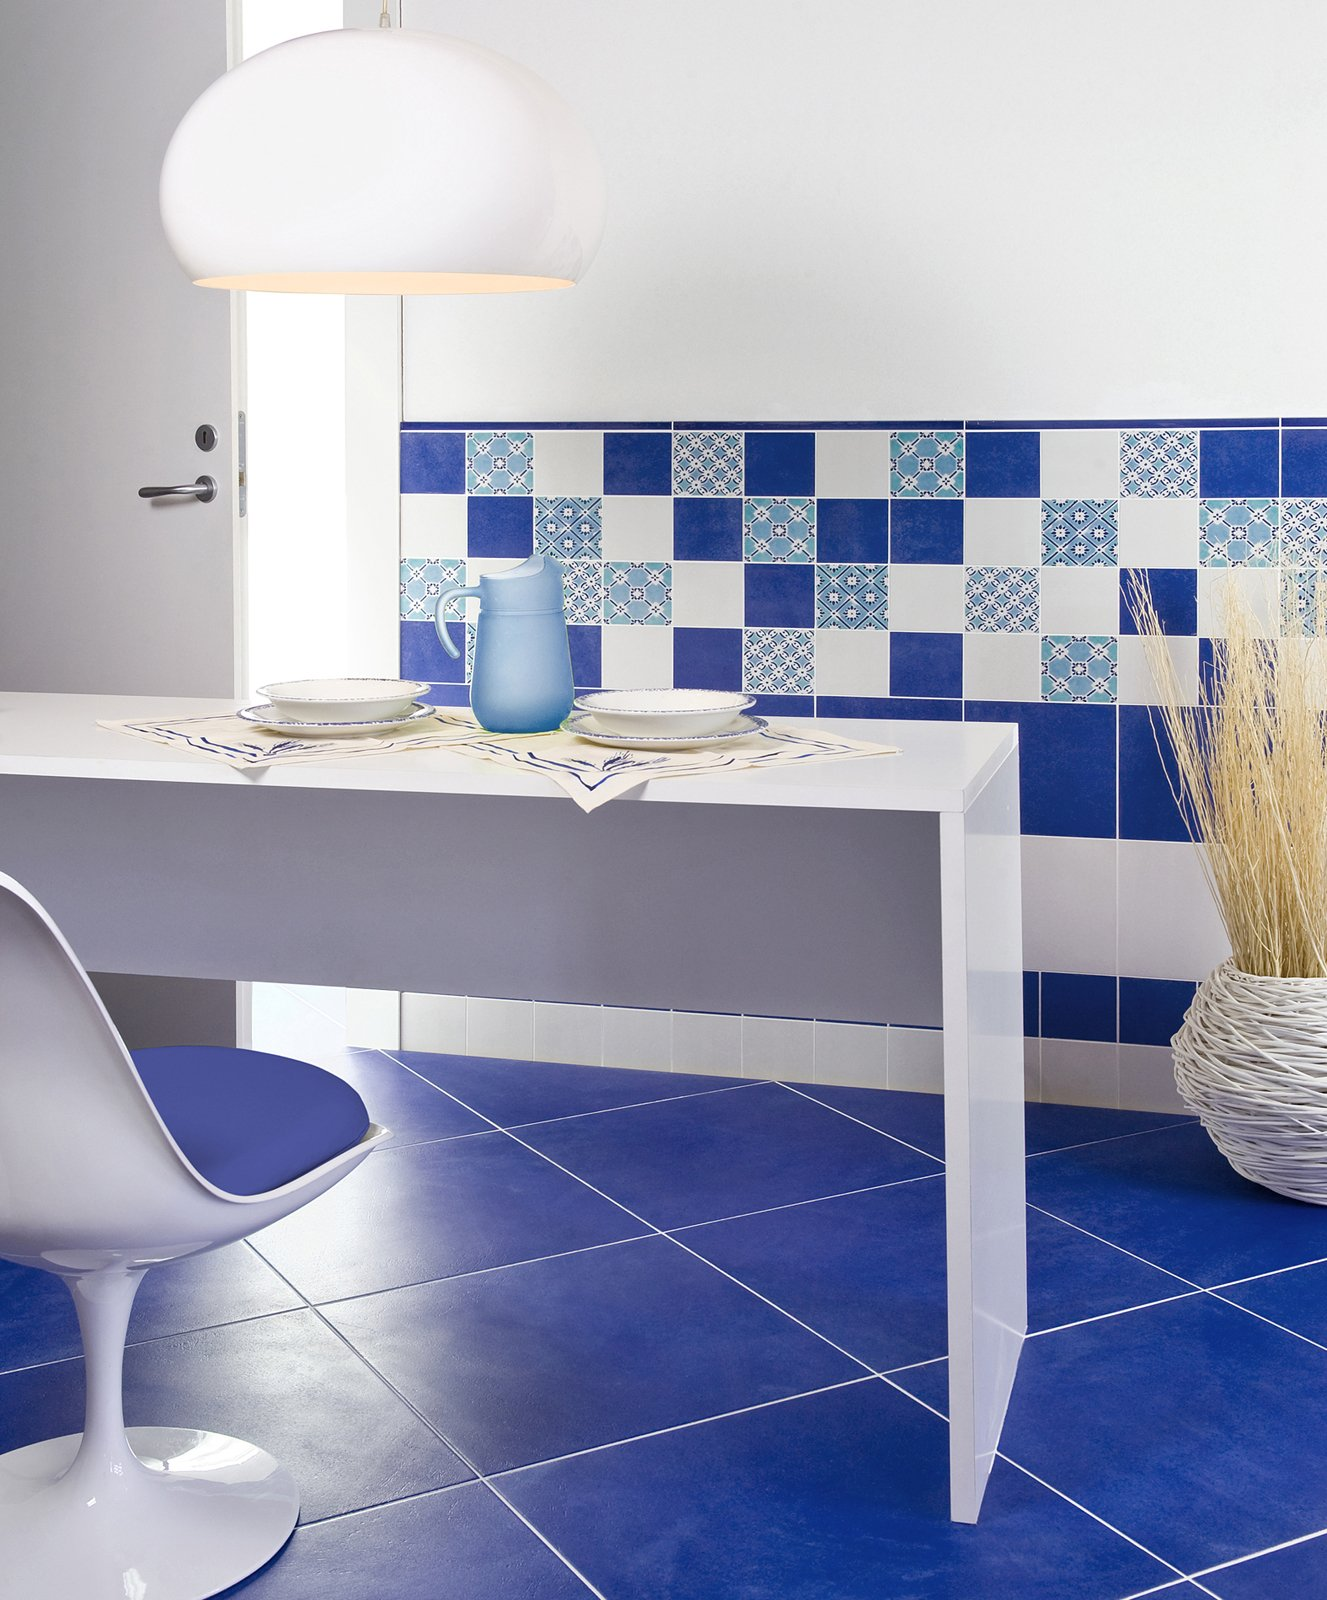 Cucina piastrelle per le pareti cose di casa - Piastrelle per casa ...